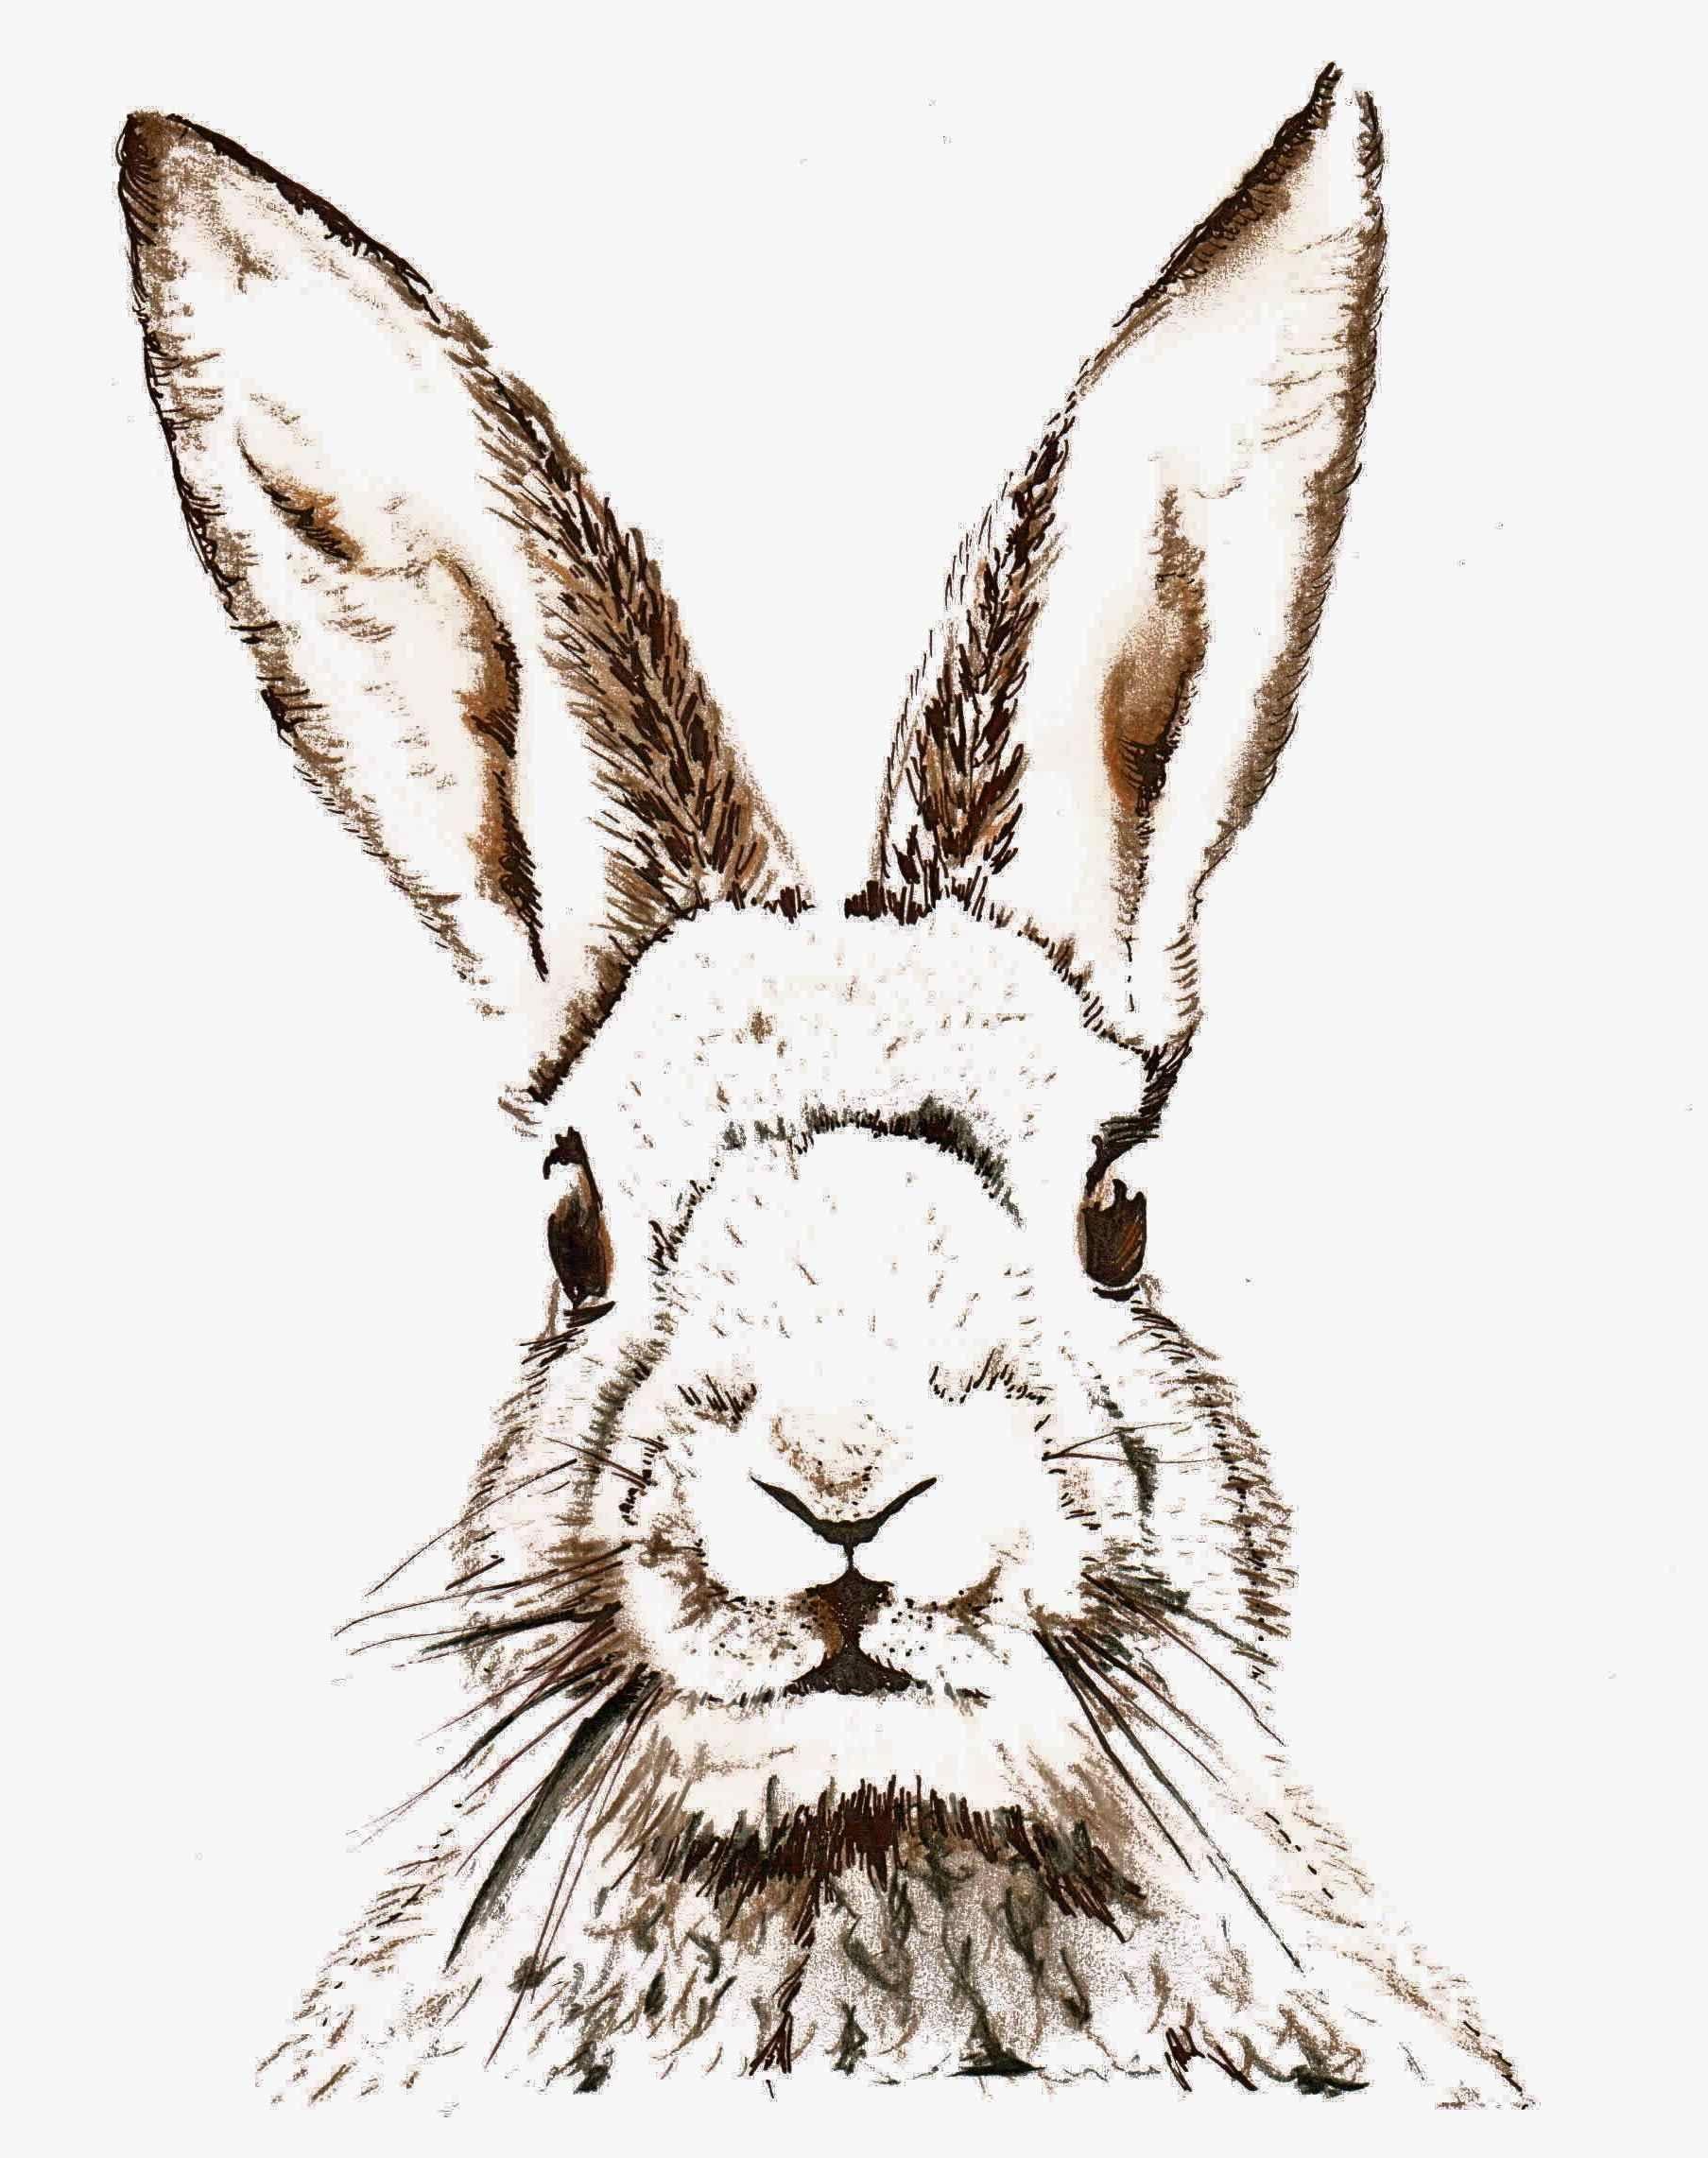 Free Vintage Easter Clipart   Spring   Easter, Easter Printables - Free Printable Vintage Easter Images